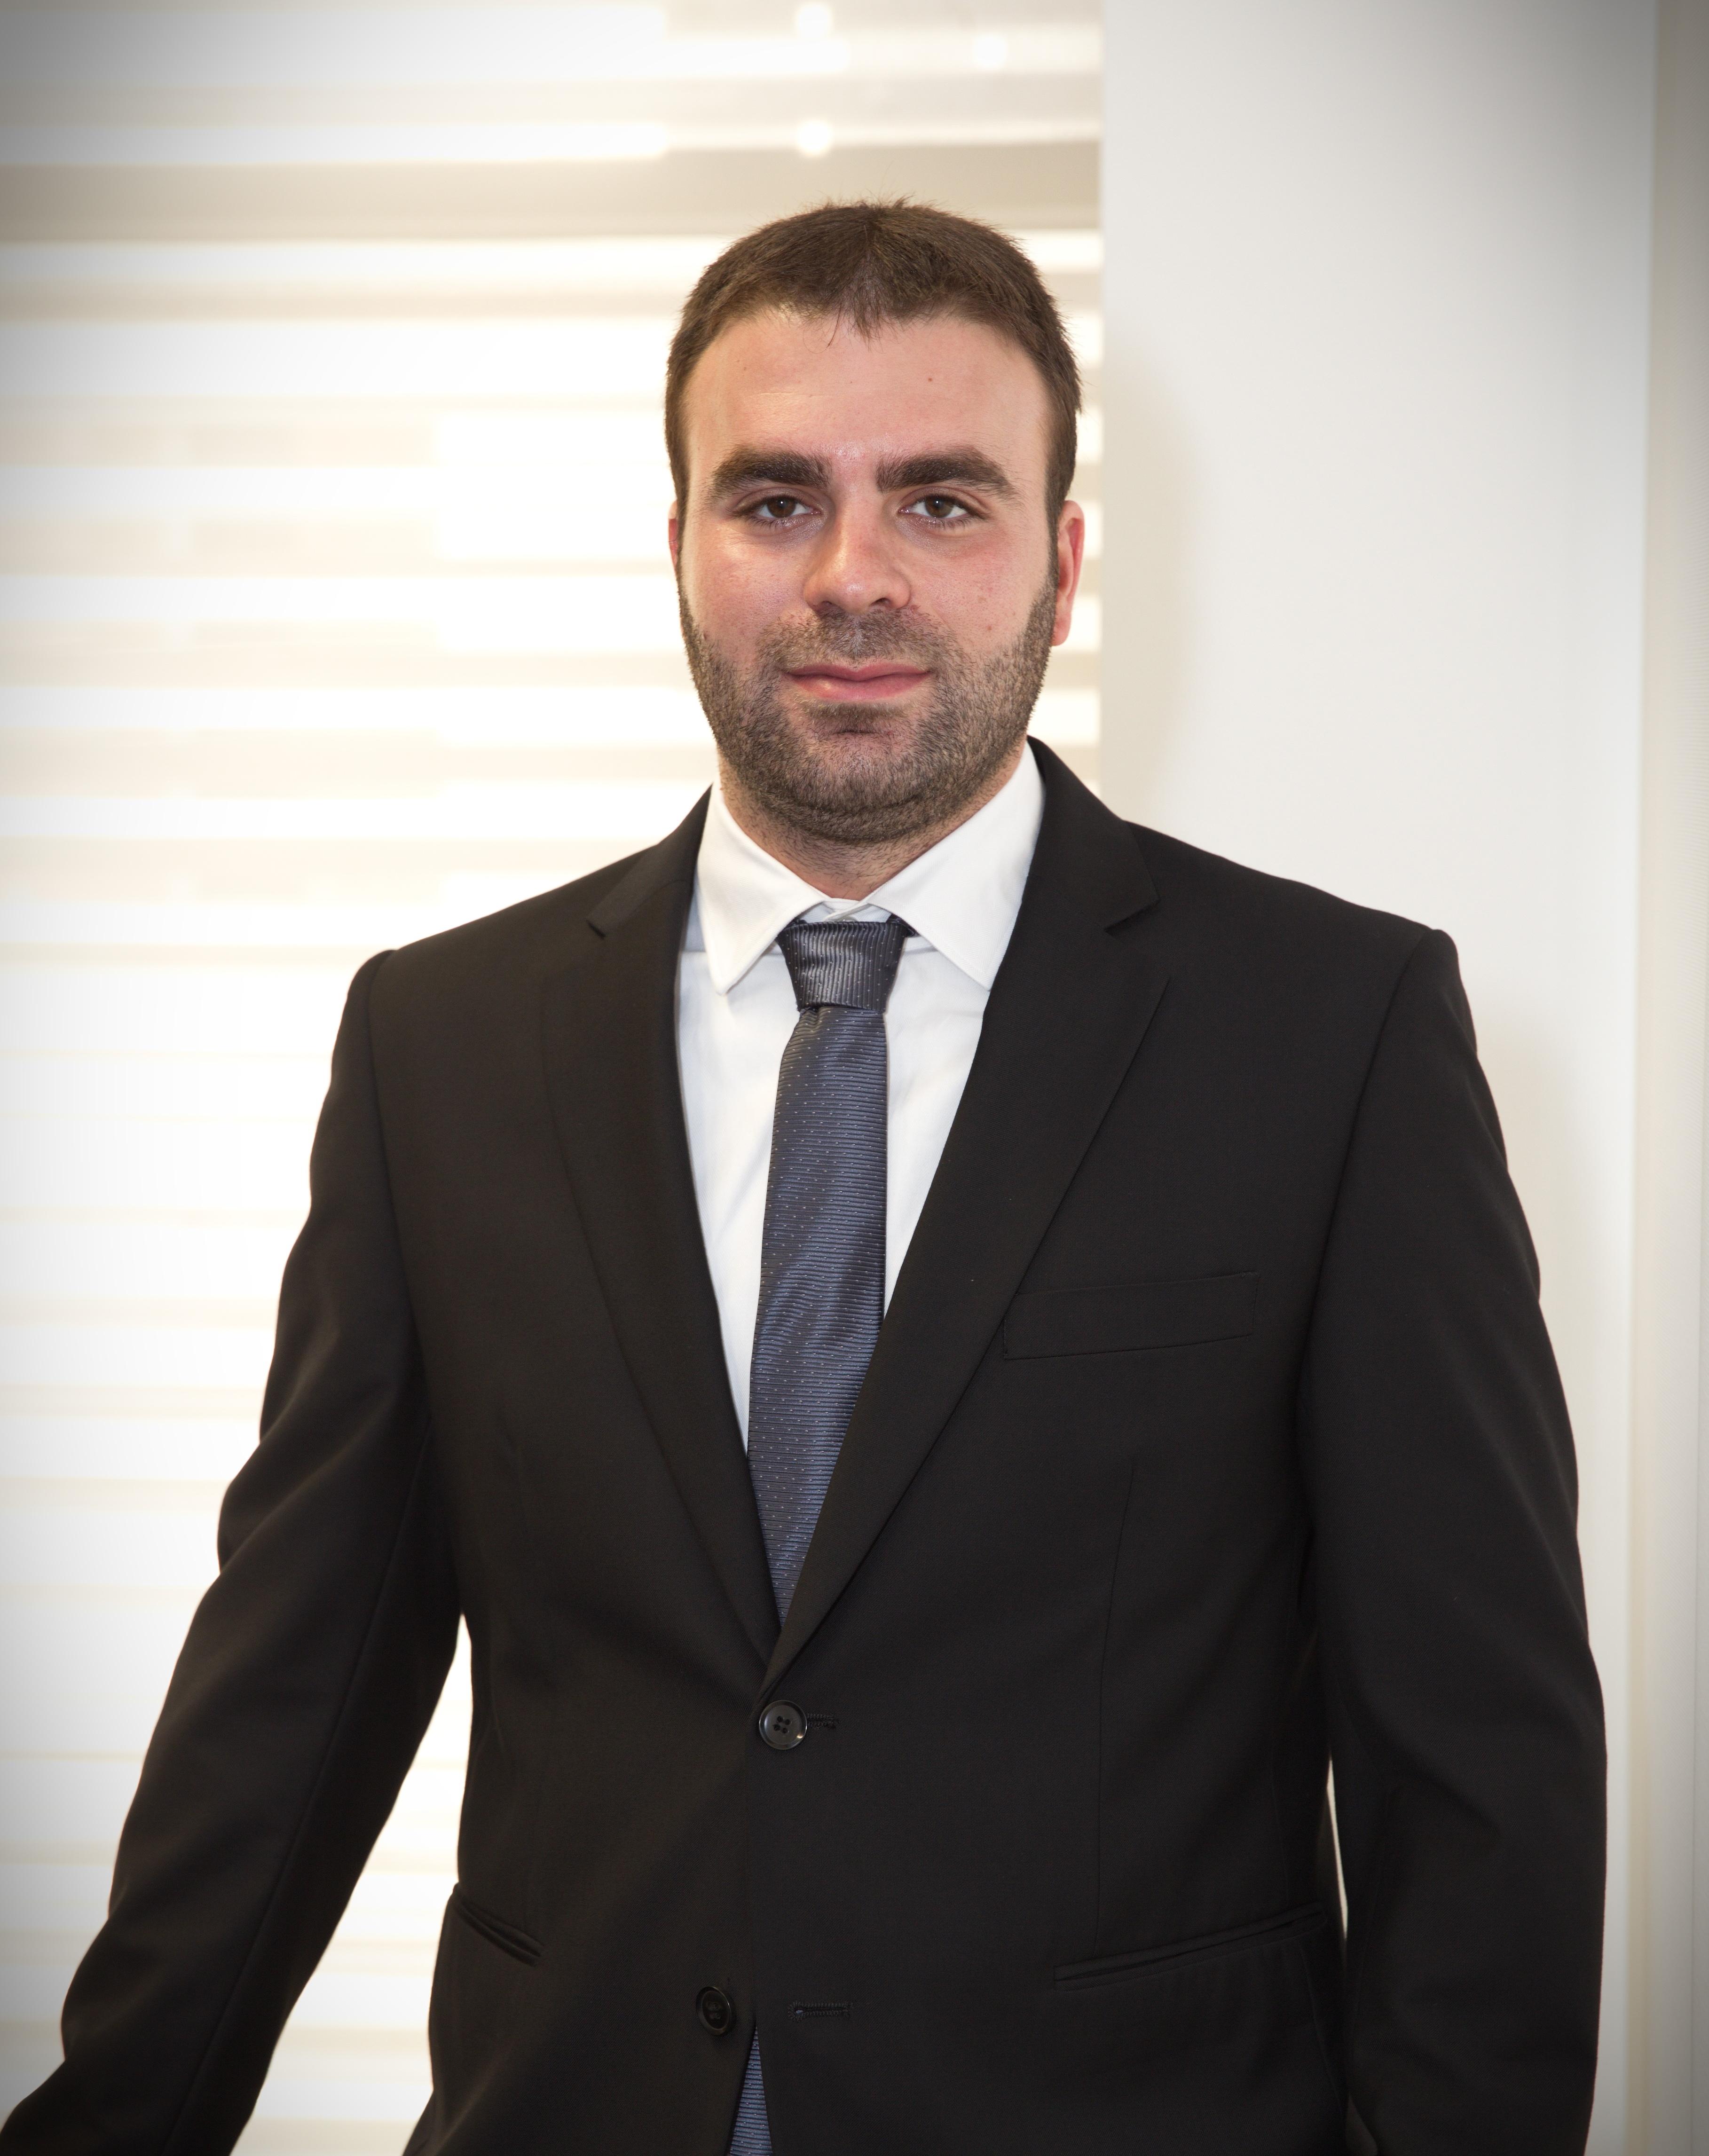 Kyriakos Karatzias